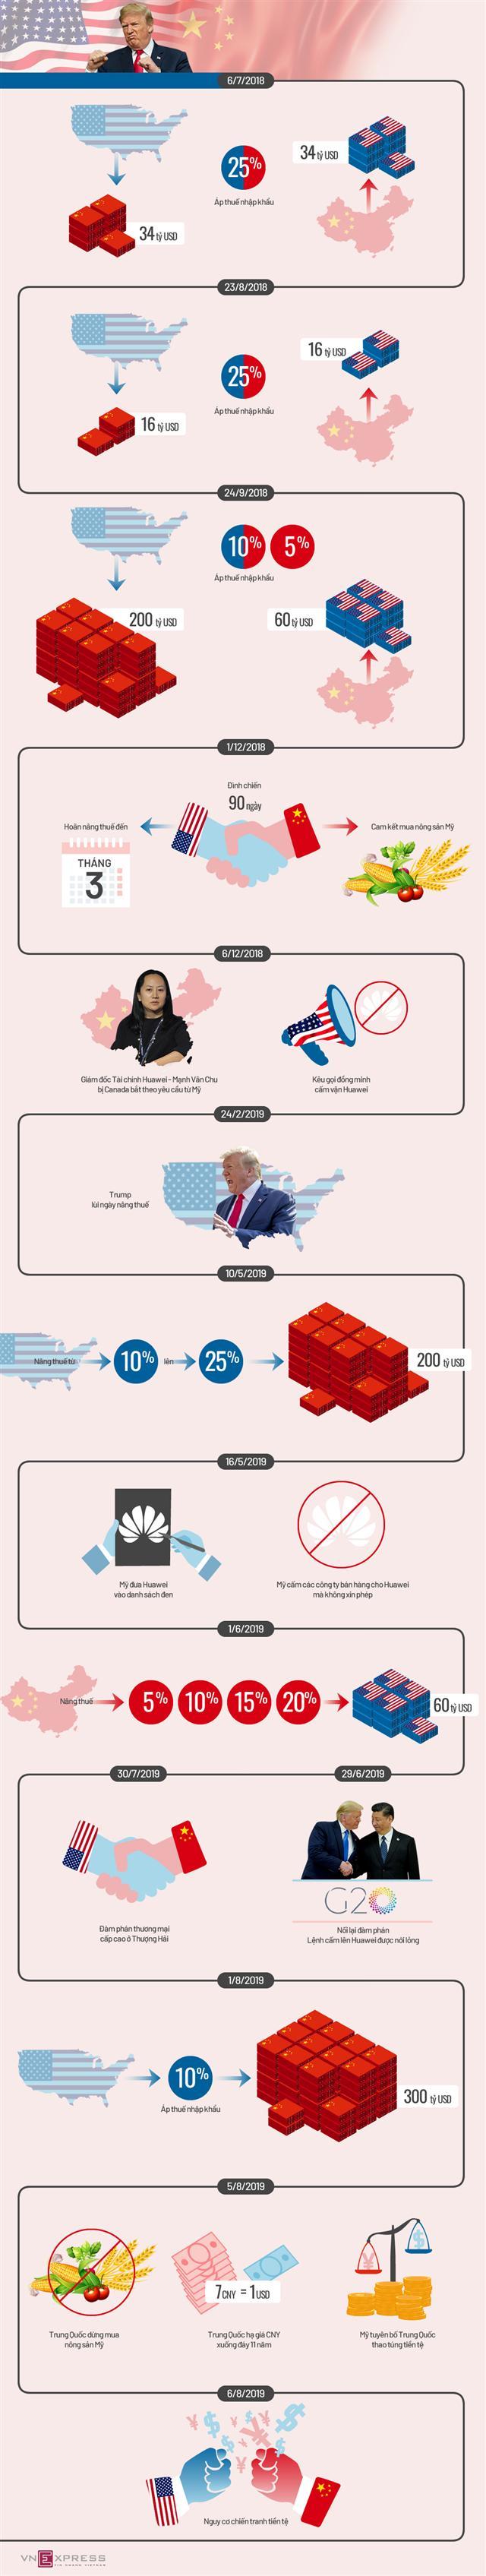 Đòn trả đũa của Mỹ - Trung trong hơn một năm chiến tranh thương mại